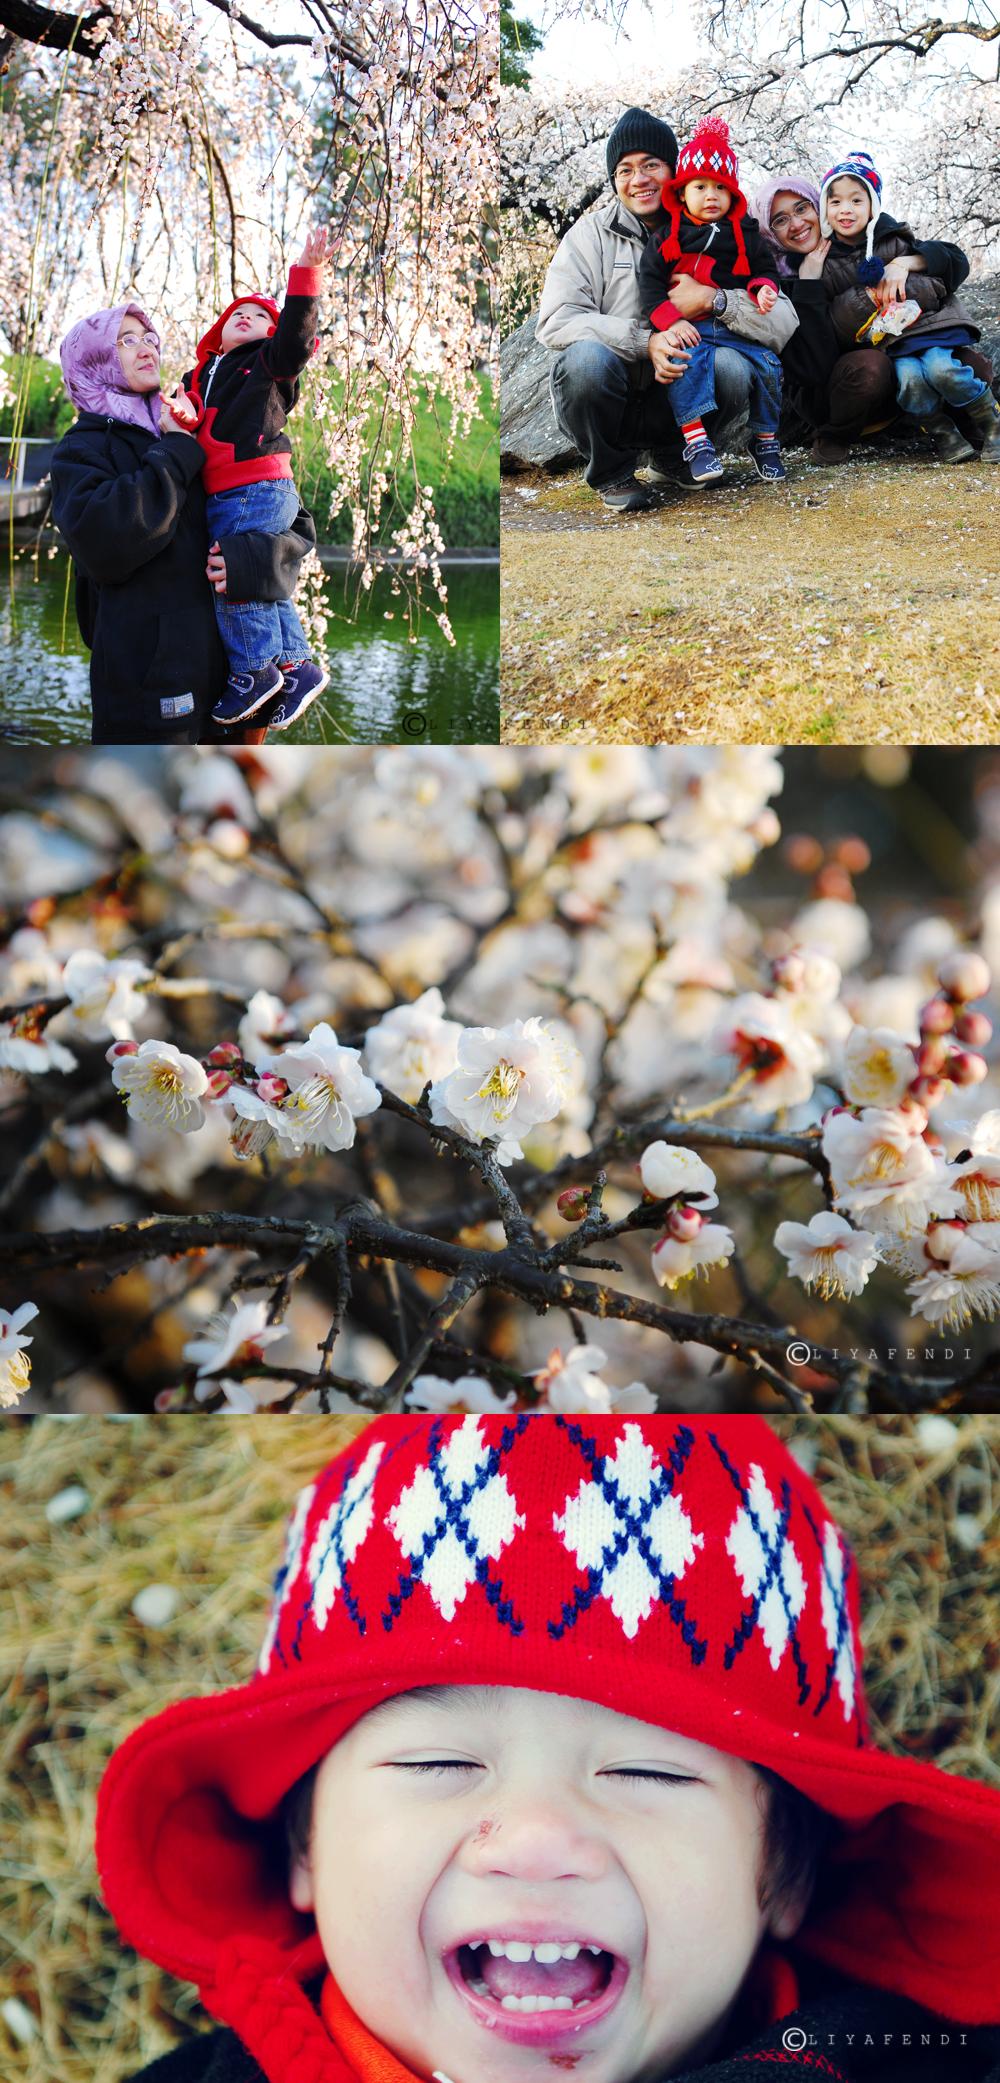 spring end Feb 2010@matsumi park